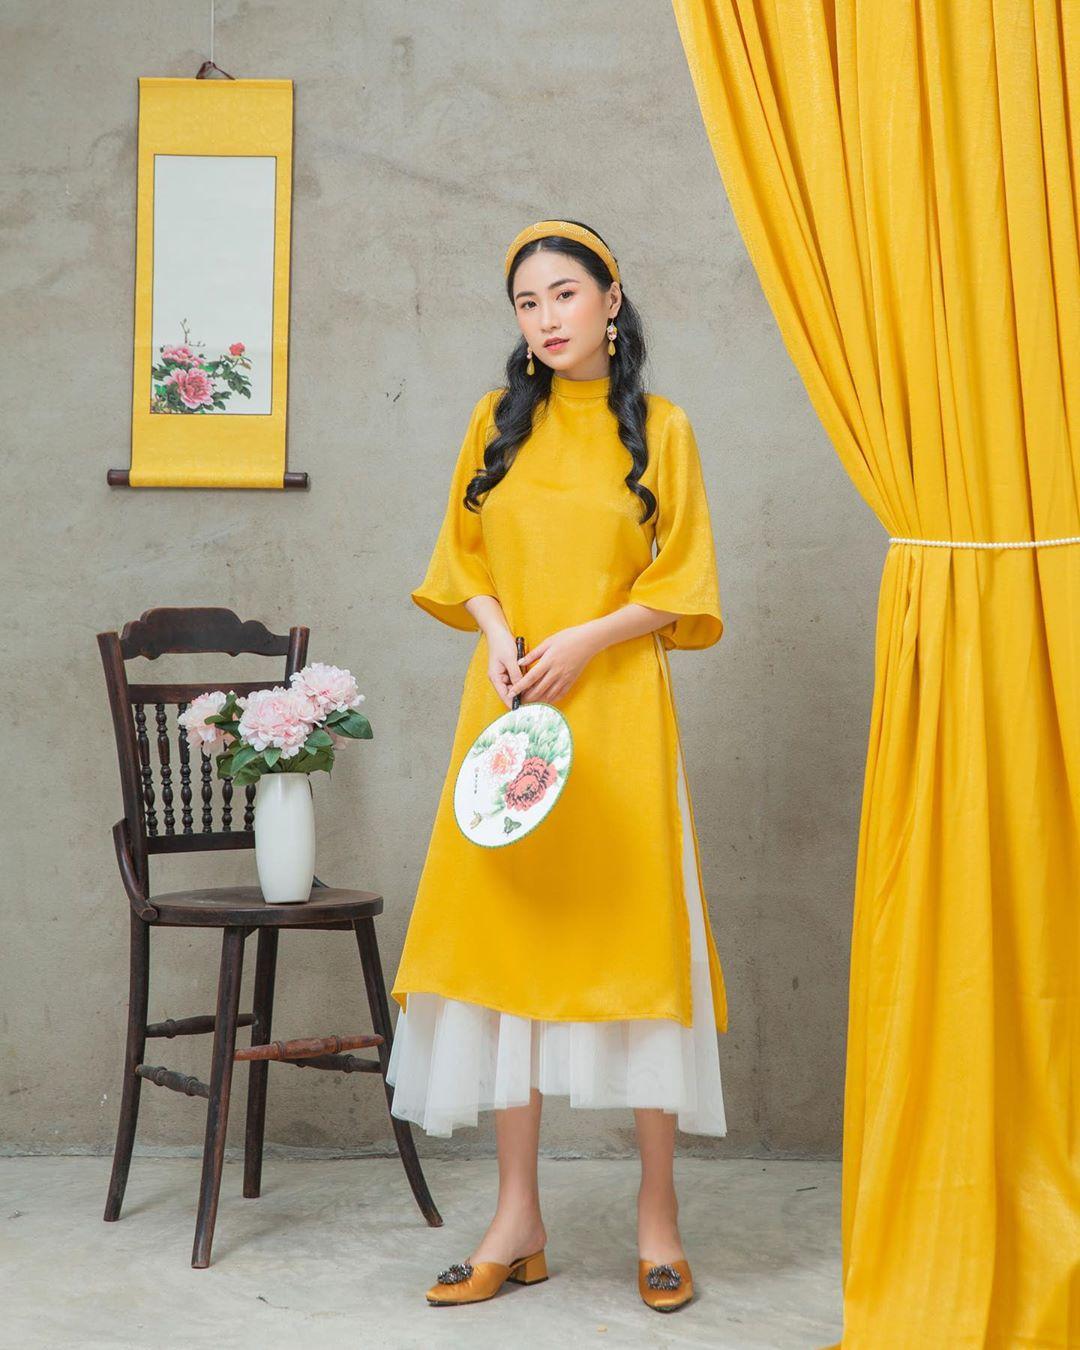 Phụ kiện retro - mảnh ghép hoàn hảo cho tà áo dài ngày Tết - Hình 8